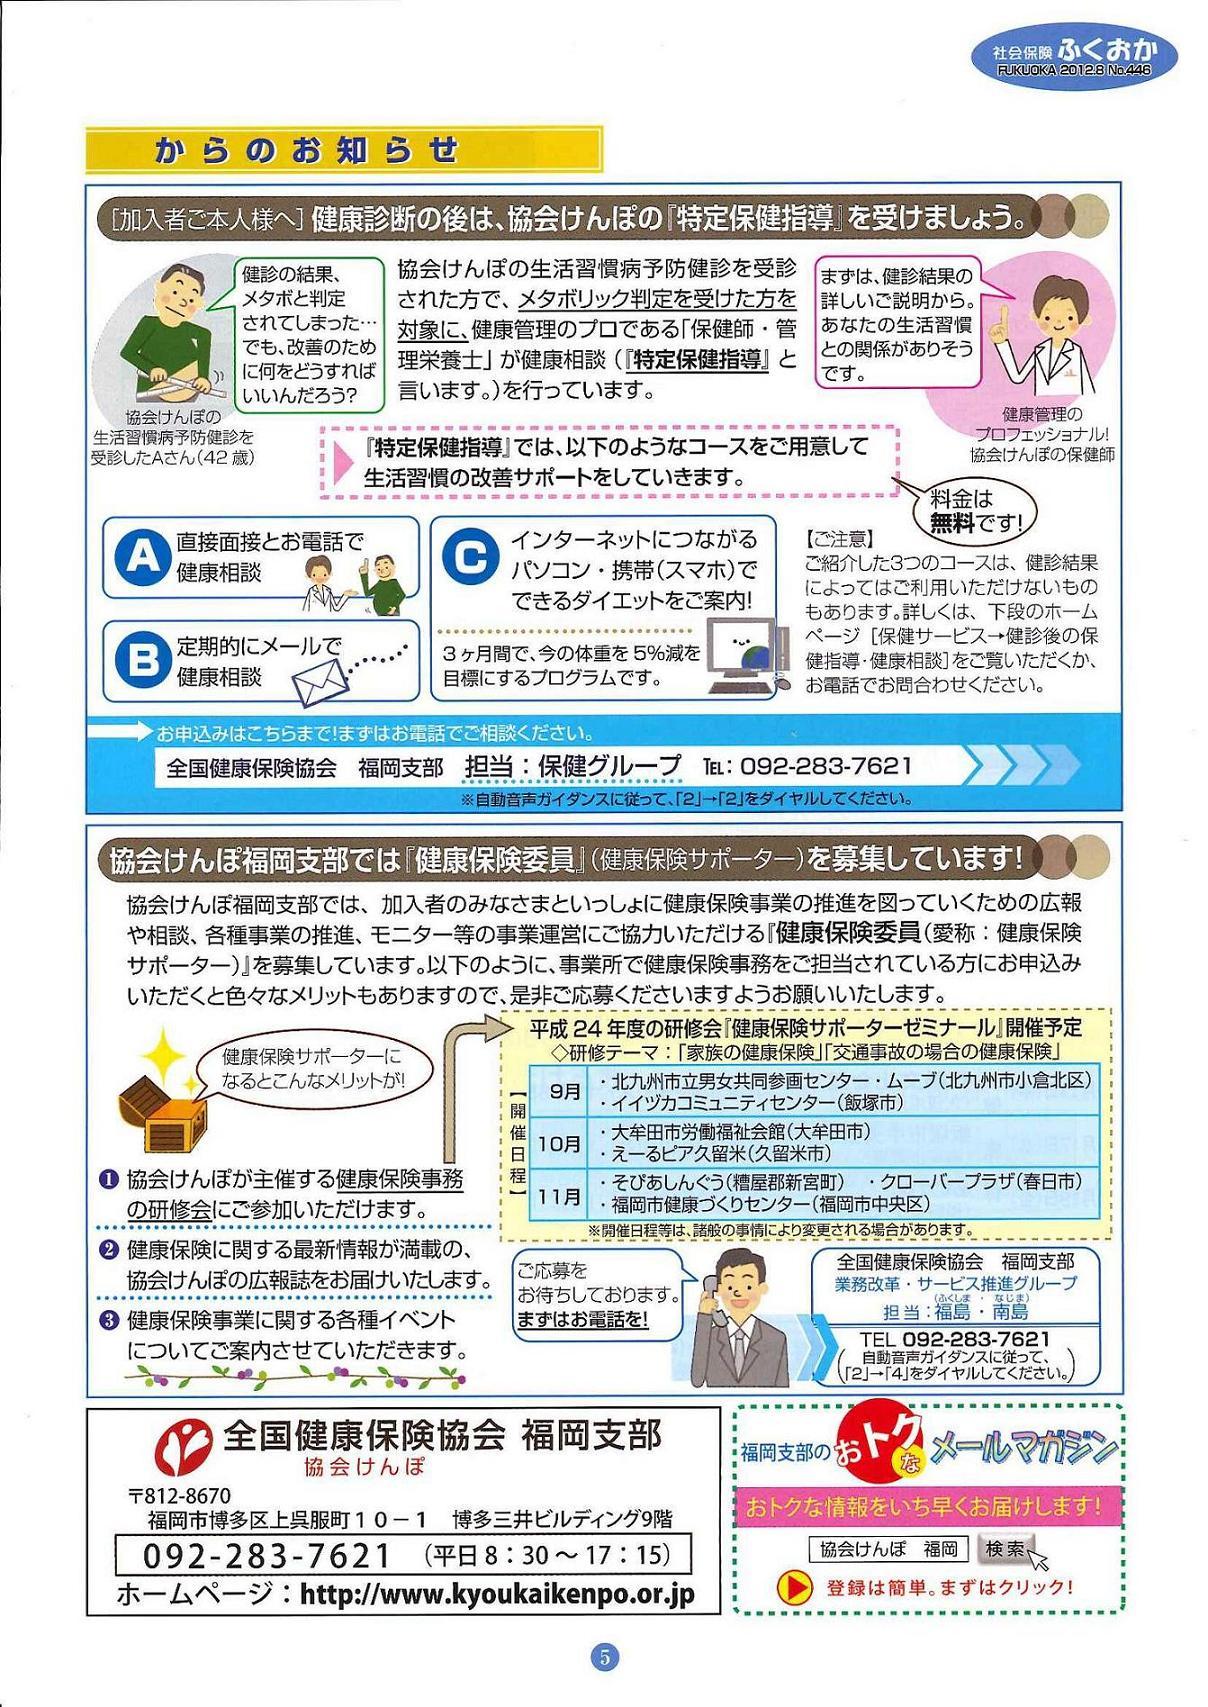 社会保険 ふくおか 2012 8月号_f0120774_14581221.jpg